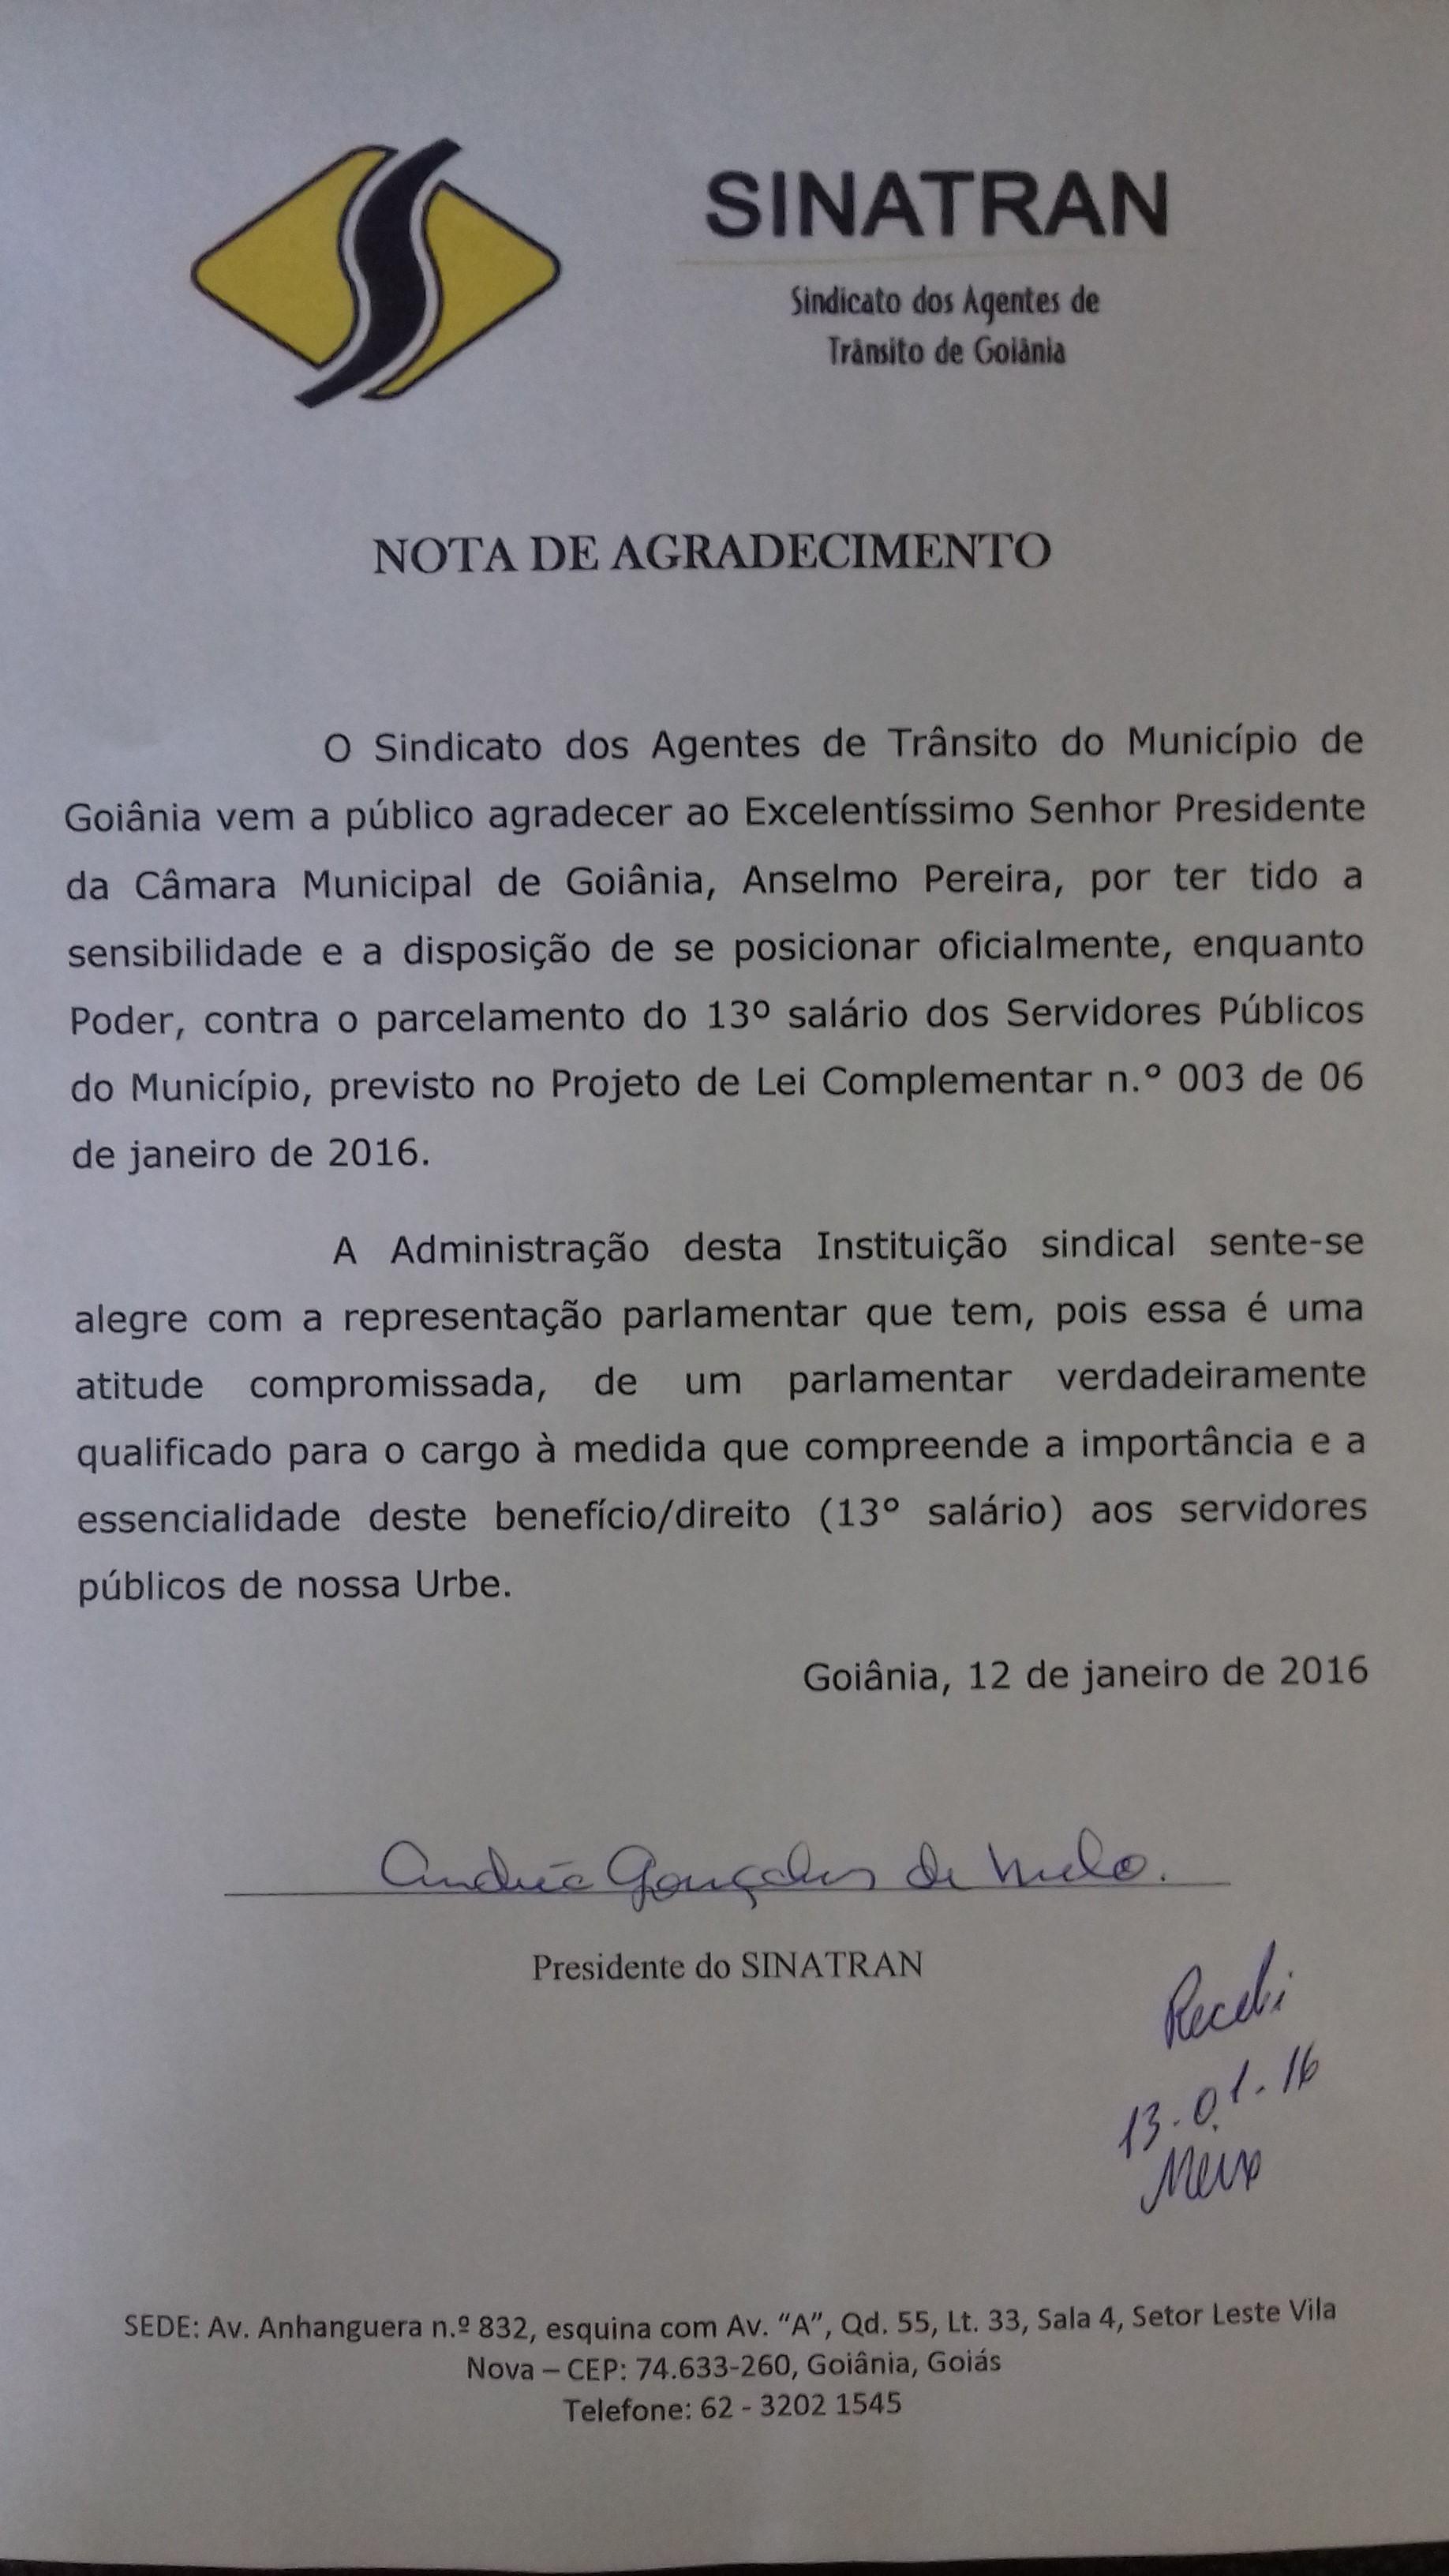 NOTA DE AGRAD.       ANSELMO           13-01-16